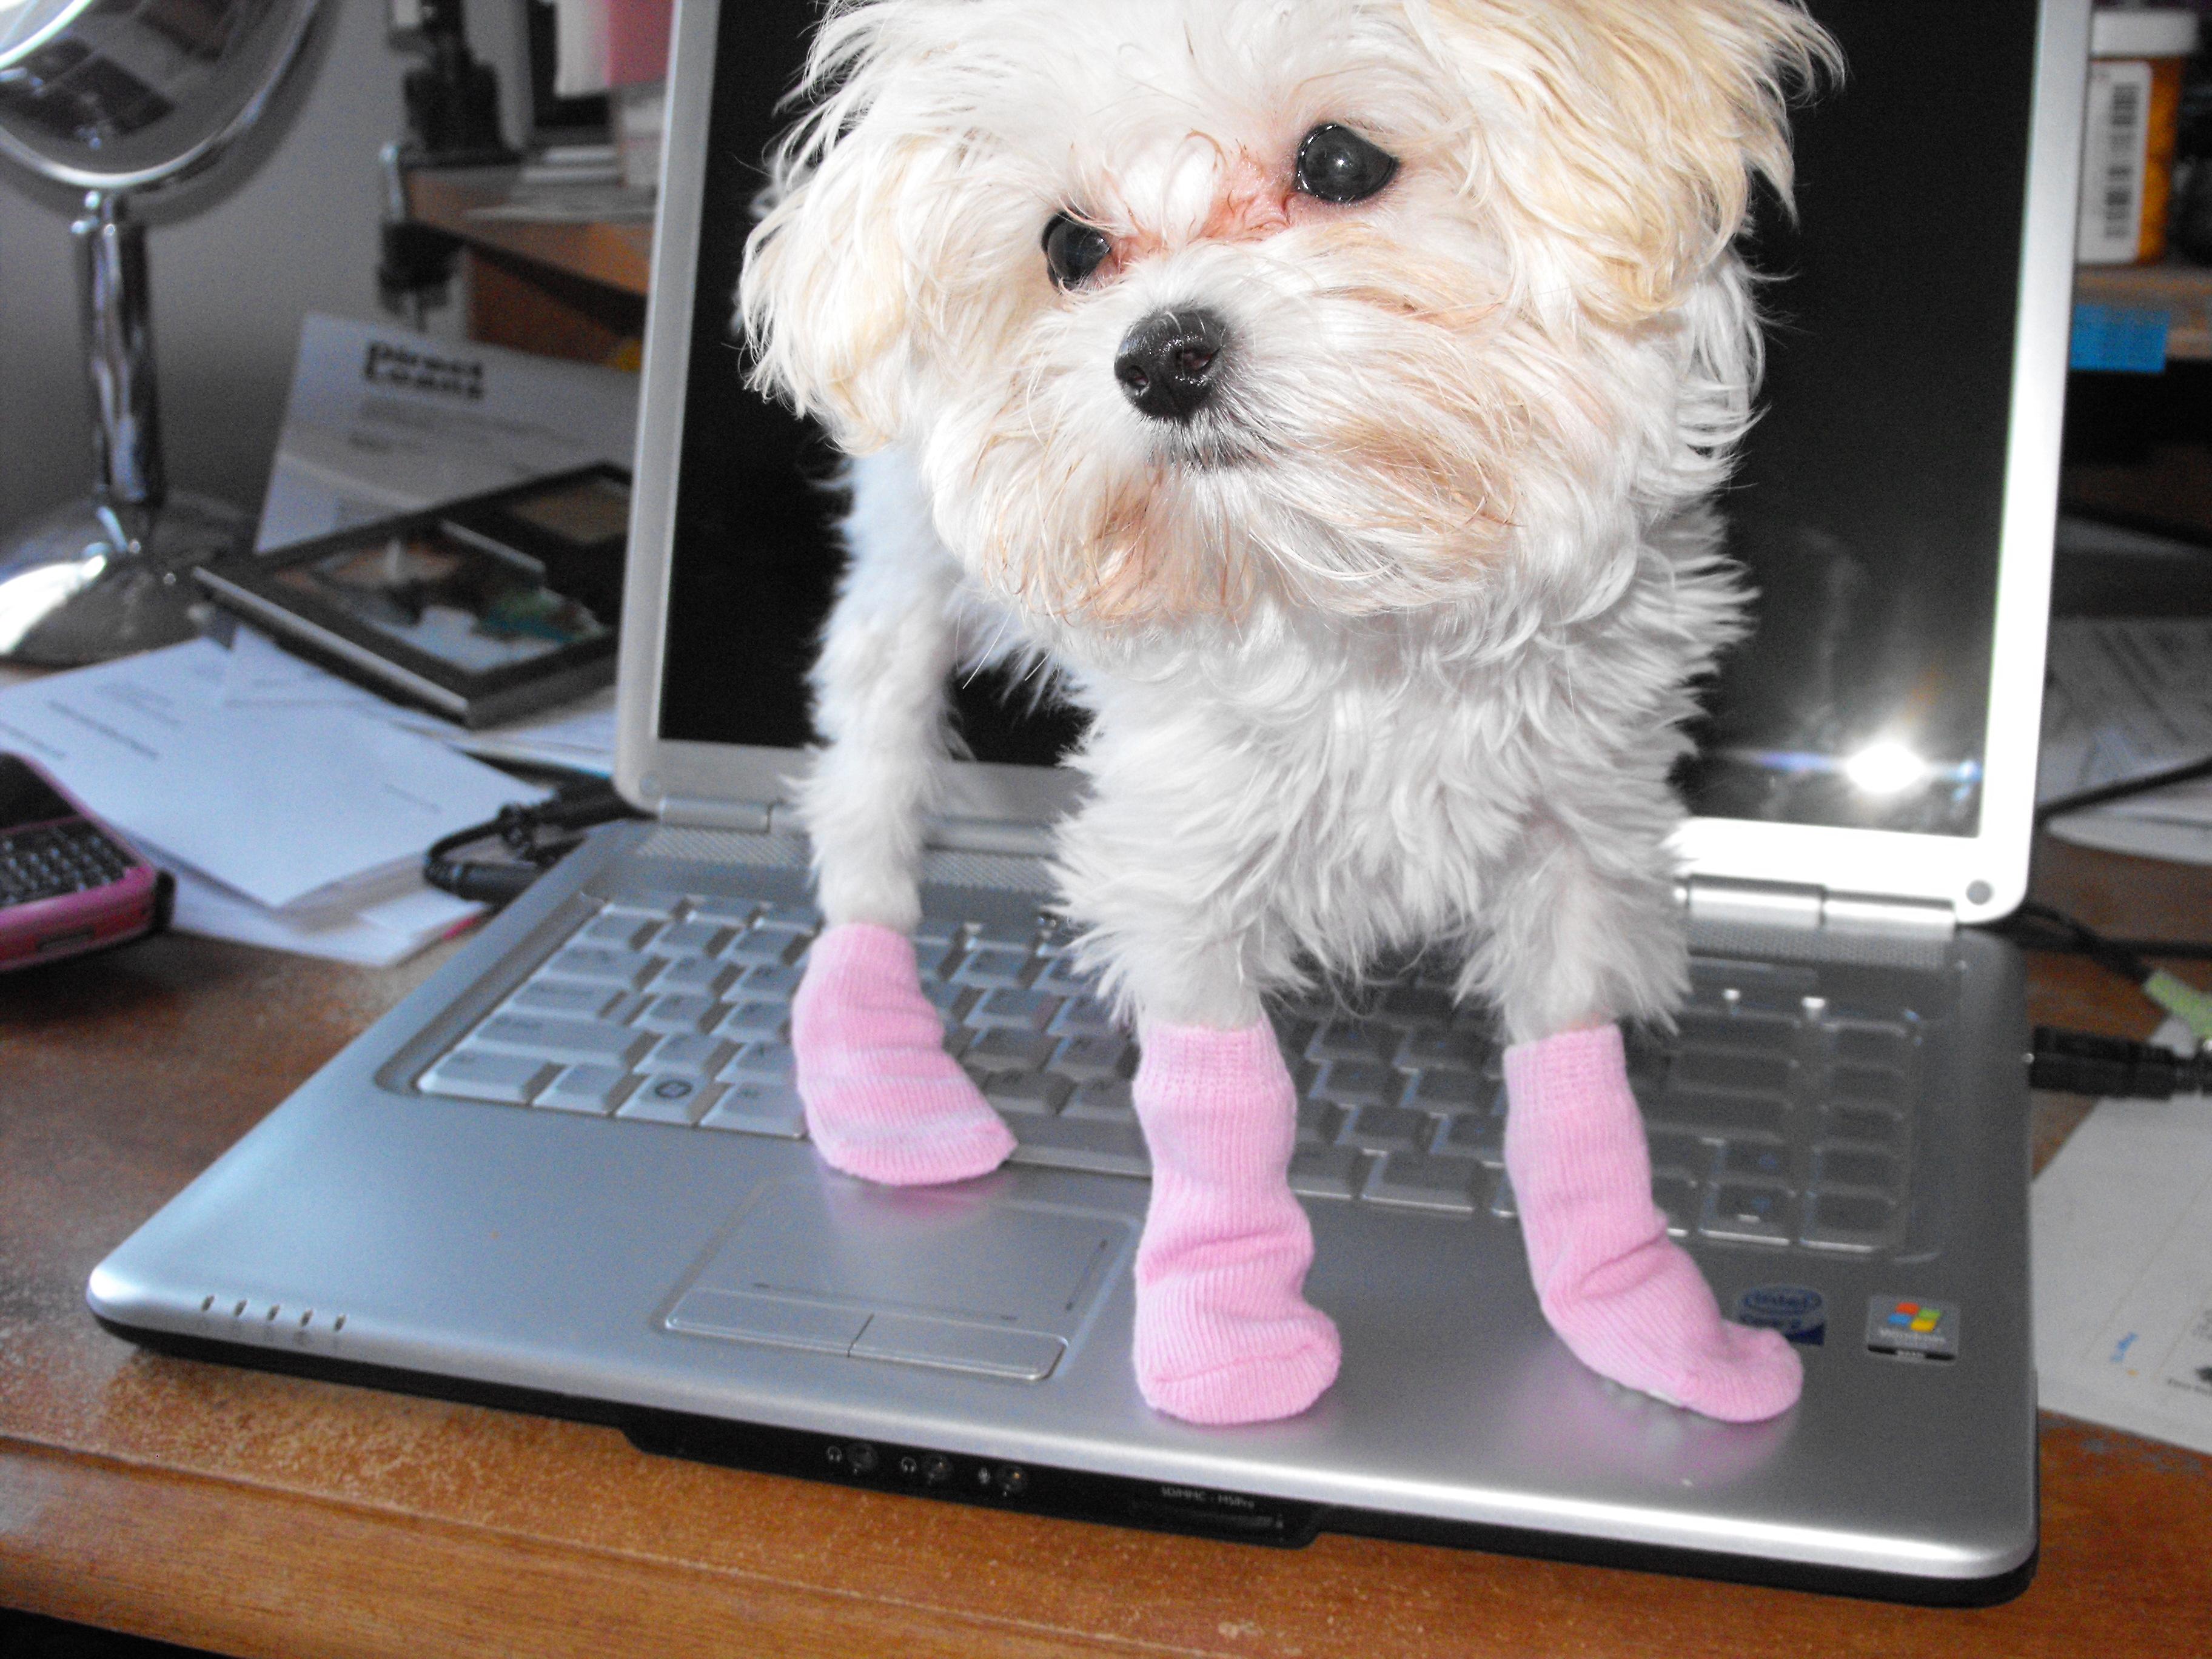 Shiloh in her new socks